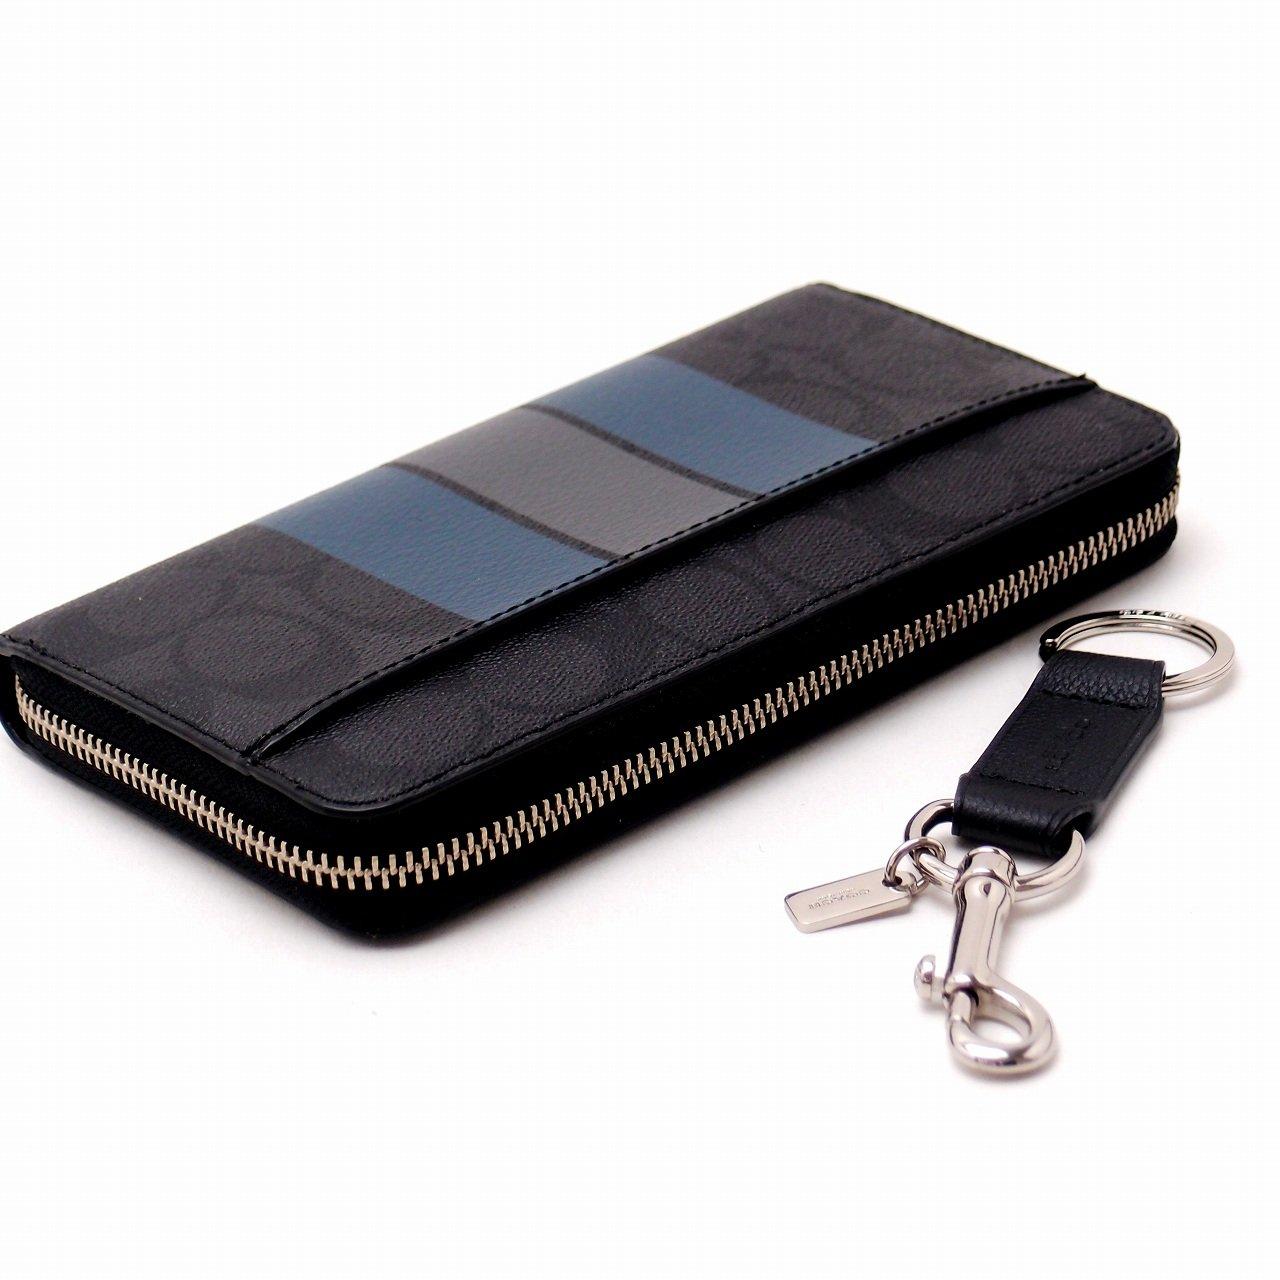 7756e2b502f6 Amazon | [コーチ] COACH 財布 メンズ 長財布 キーリング キーホルダー 2点セット ギフトセット 55484MS9  [アウトレット品] [並行輸入品] | 財布